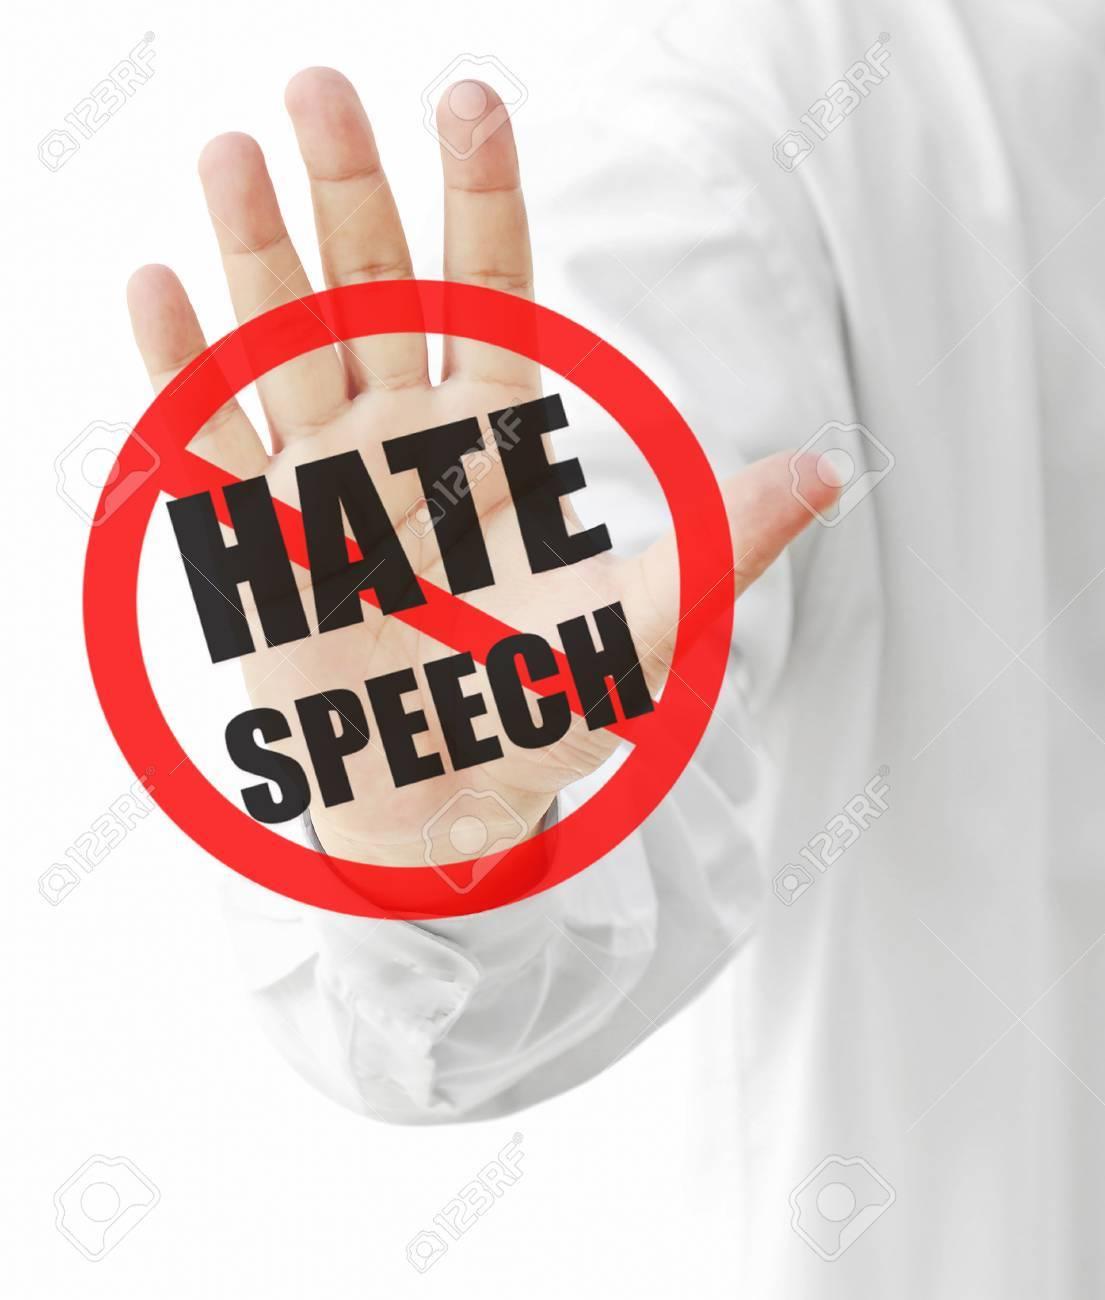 Señal De Stop Discurso De Odio En La Mano Fotos, Retratos ...